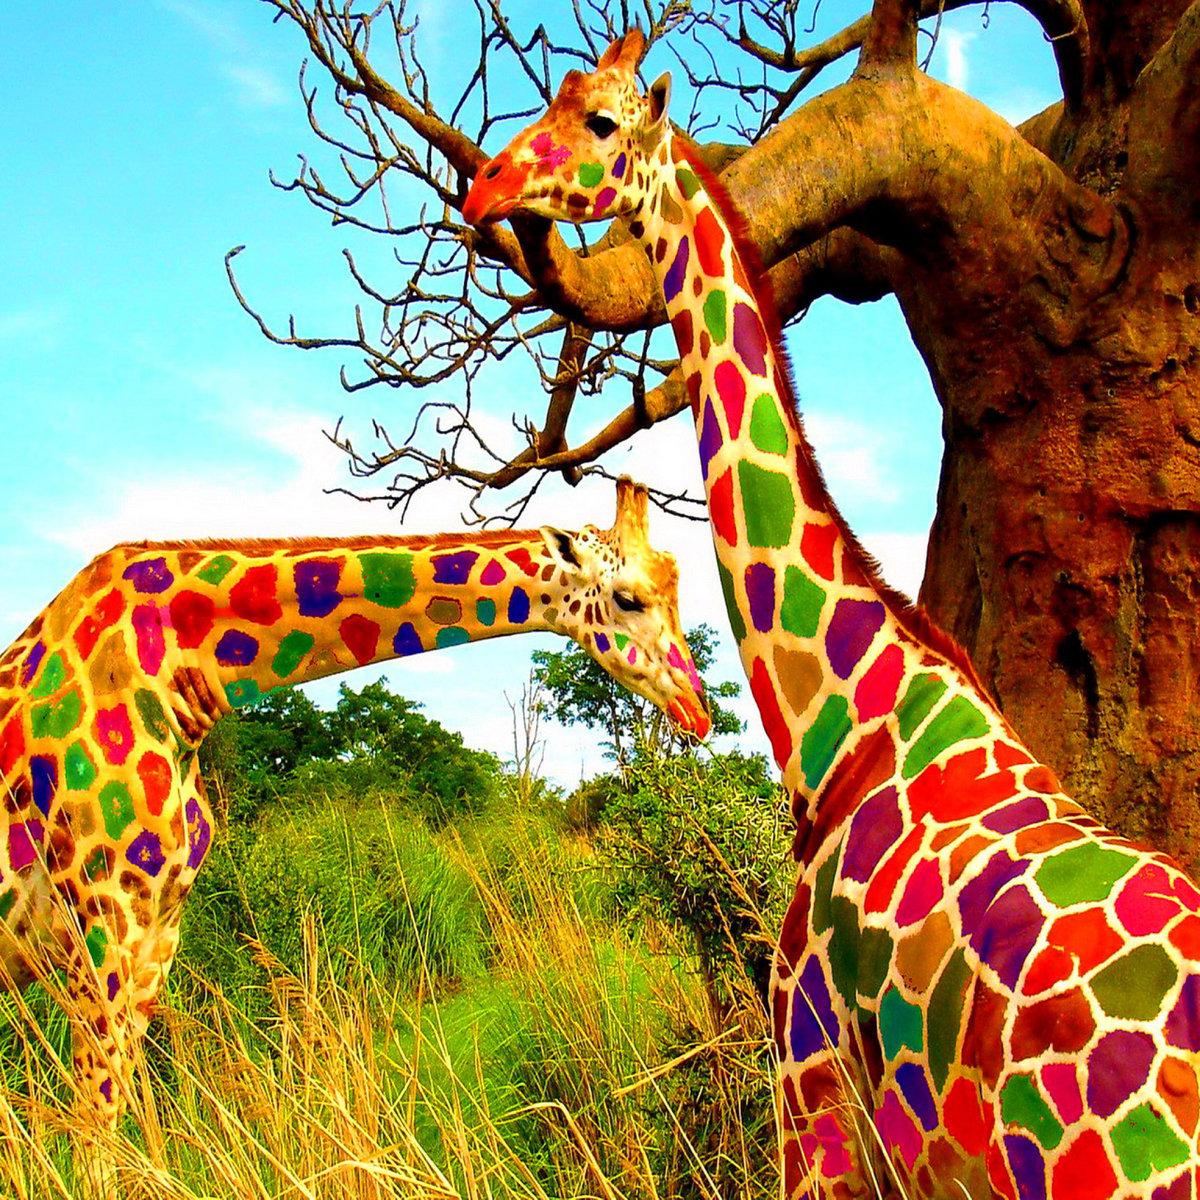 большой все картинки про жирафа выхода тюрьмы вор